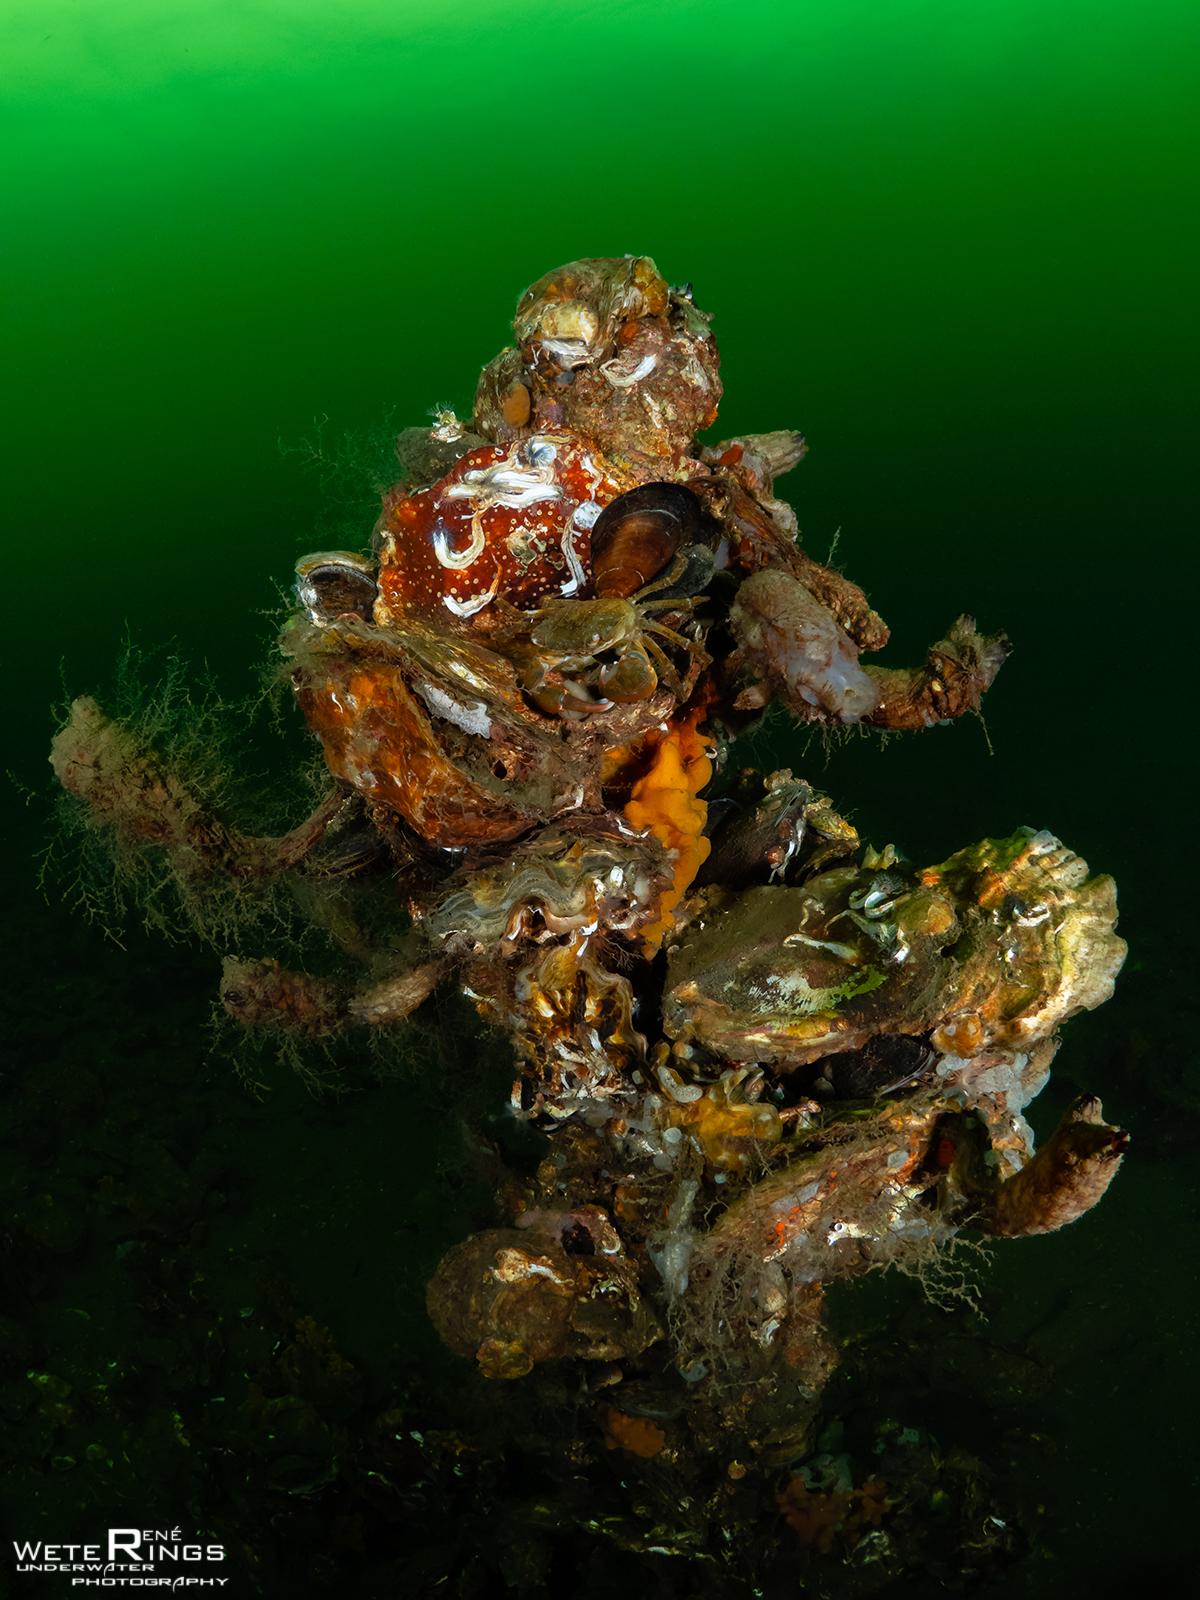 RENE_WETERINGS_20201129_1004_Dreischor_Reefballs_060_Krab_oesters-104939